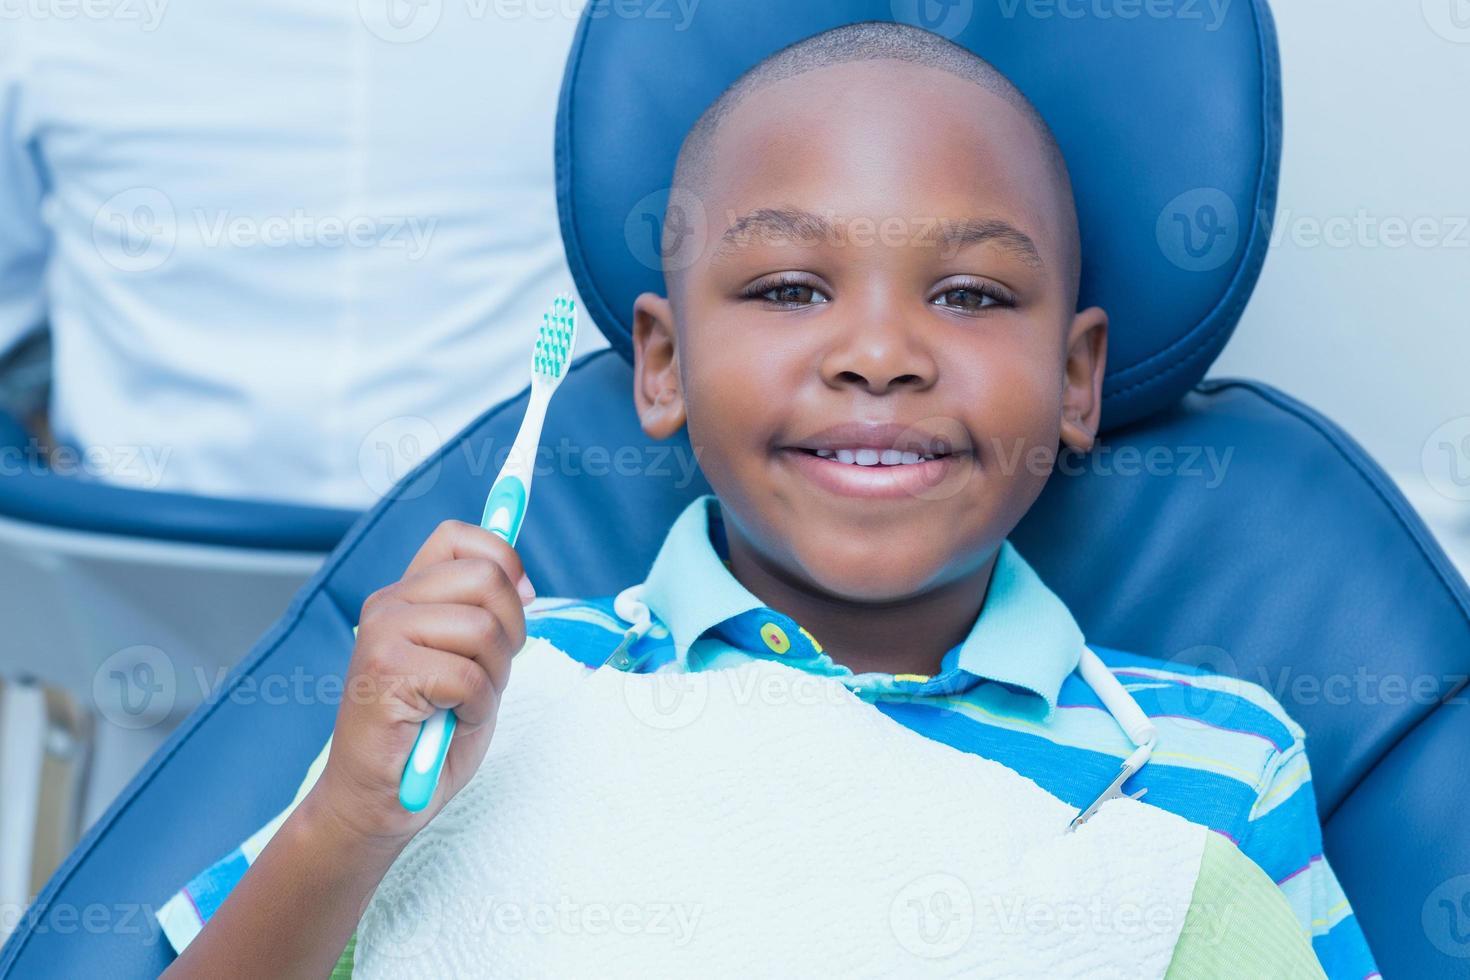 jongen met tandenborstel in de stoel van de tandarts foto